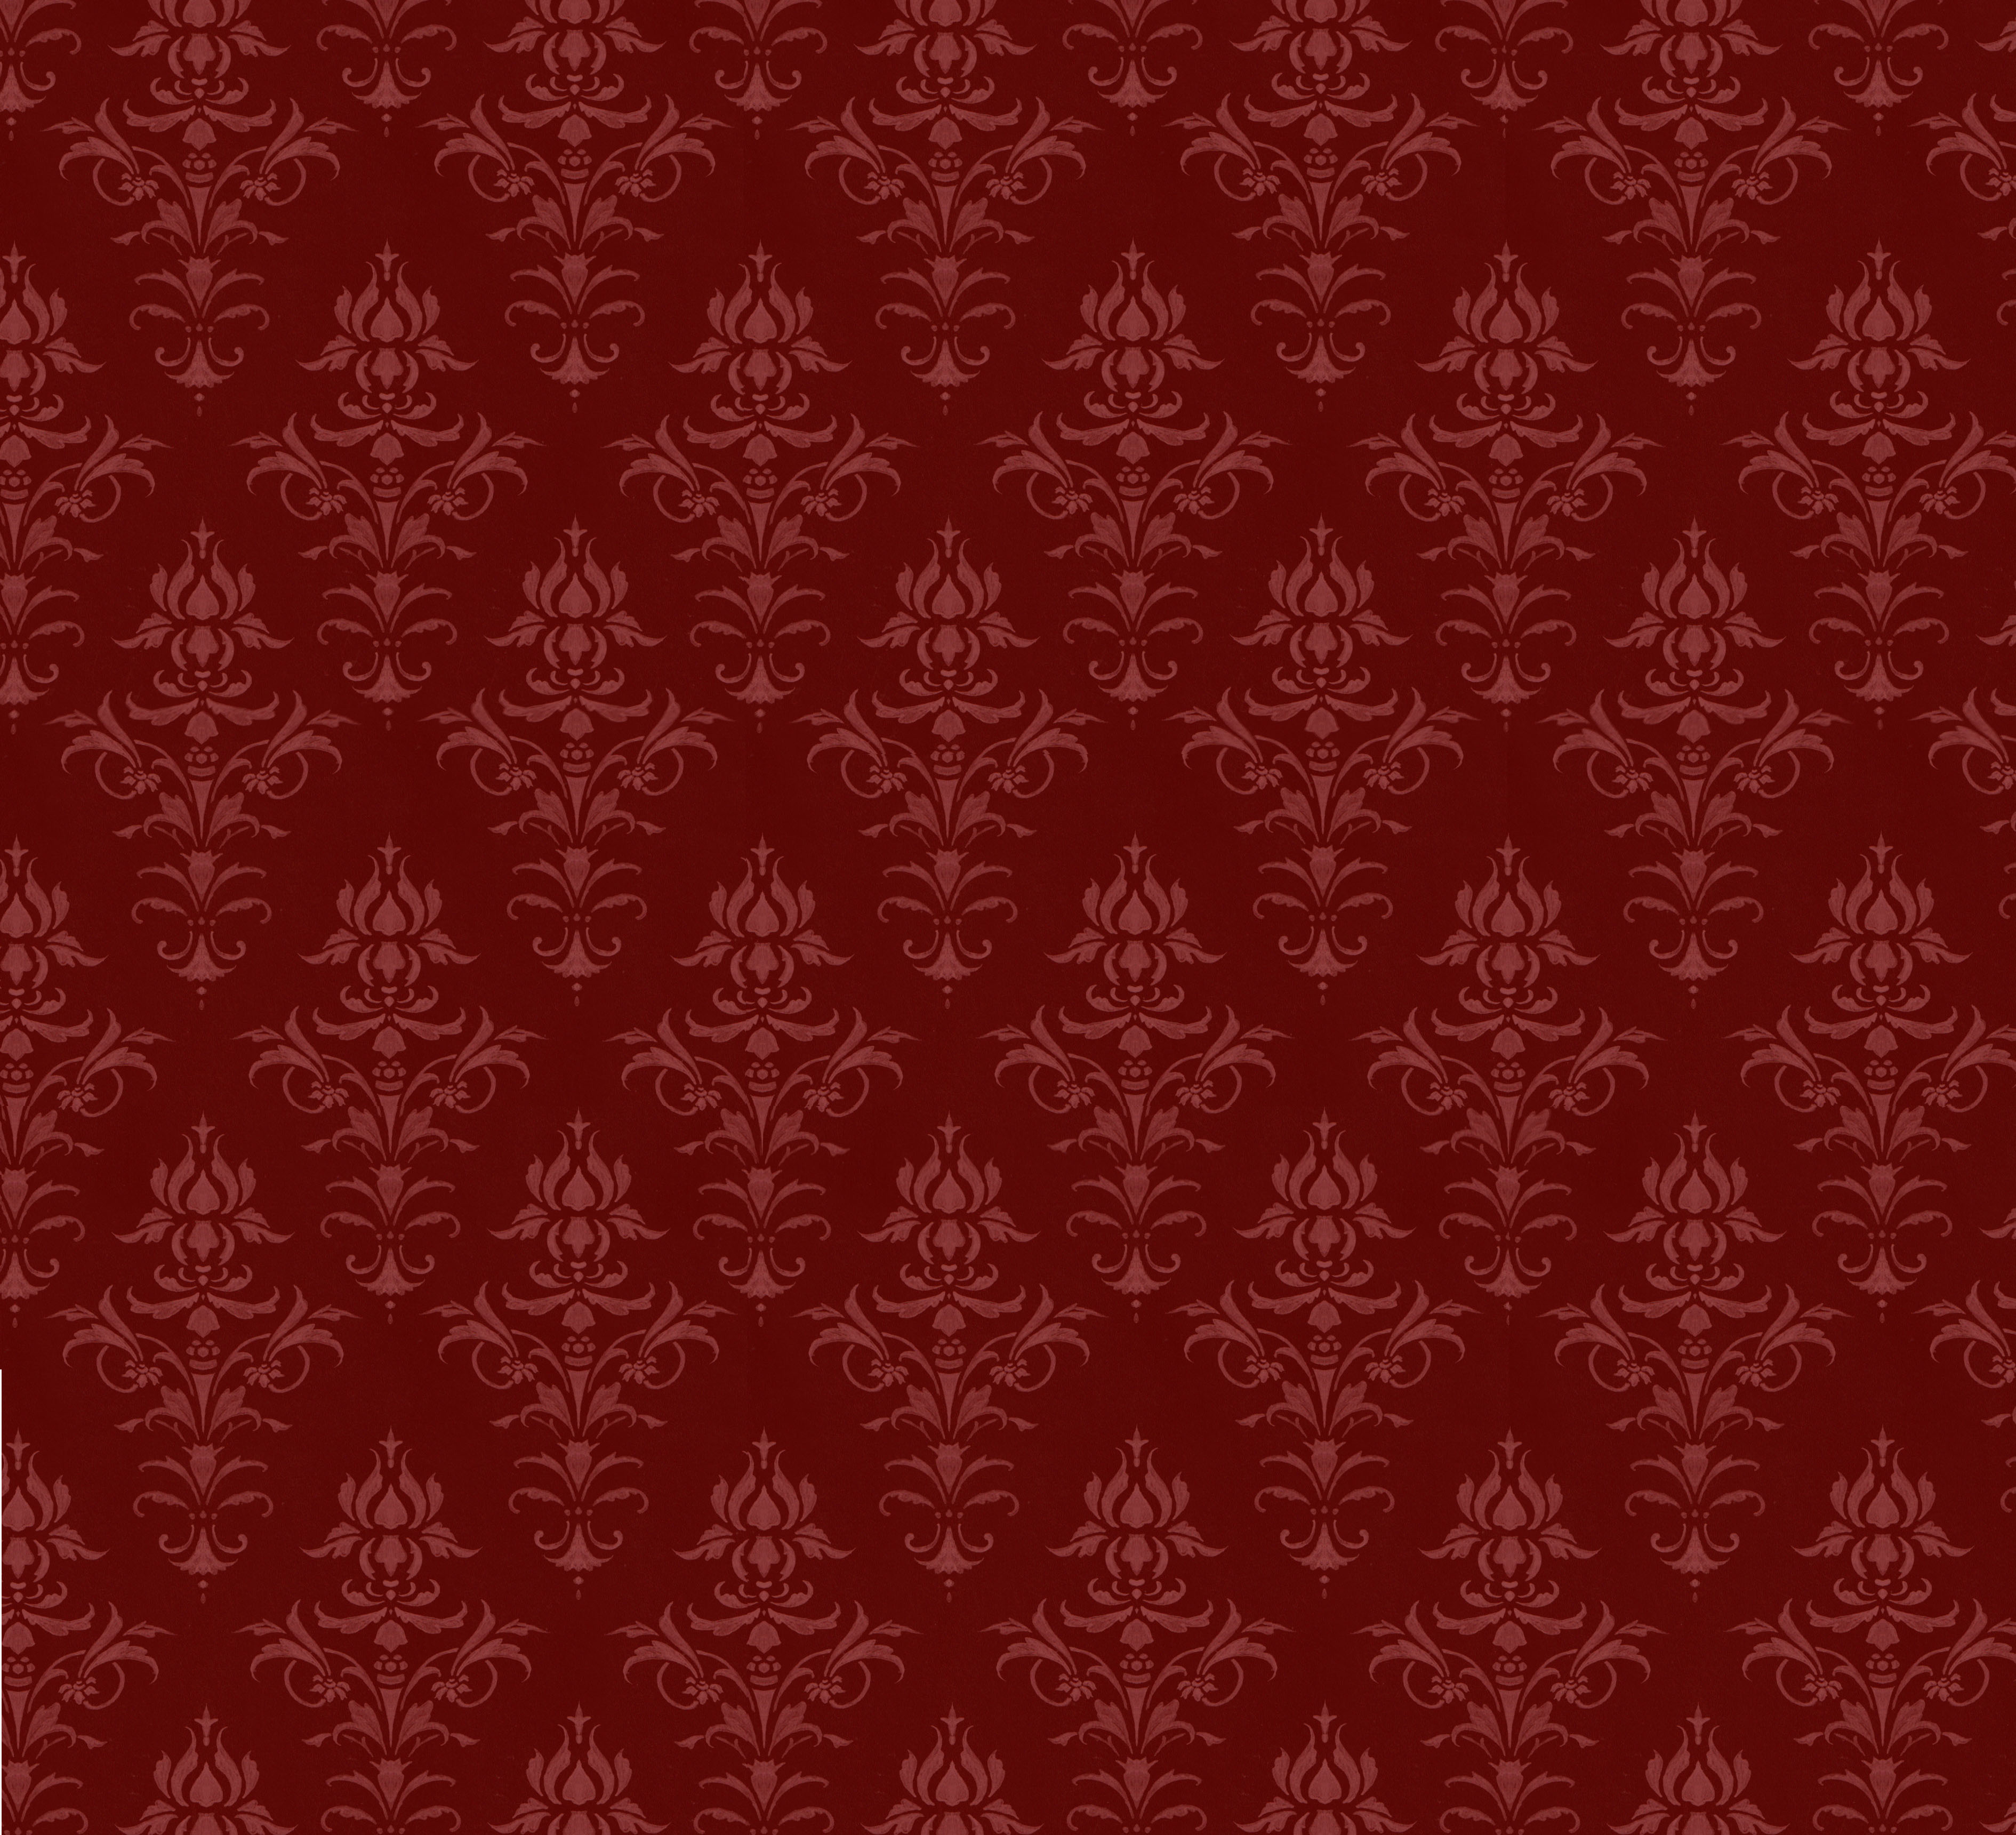 25 Beautiful Victorian Wallpapers For Desktop 3781x3441